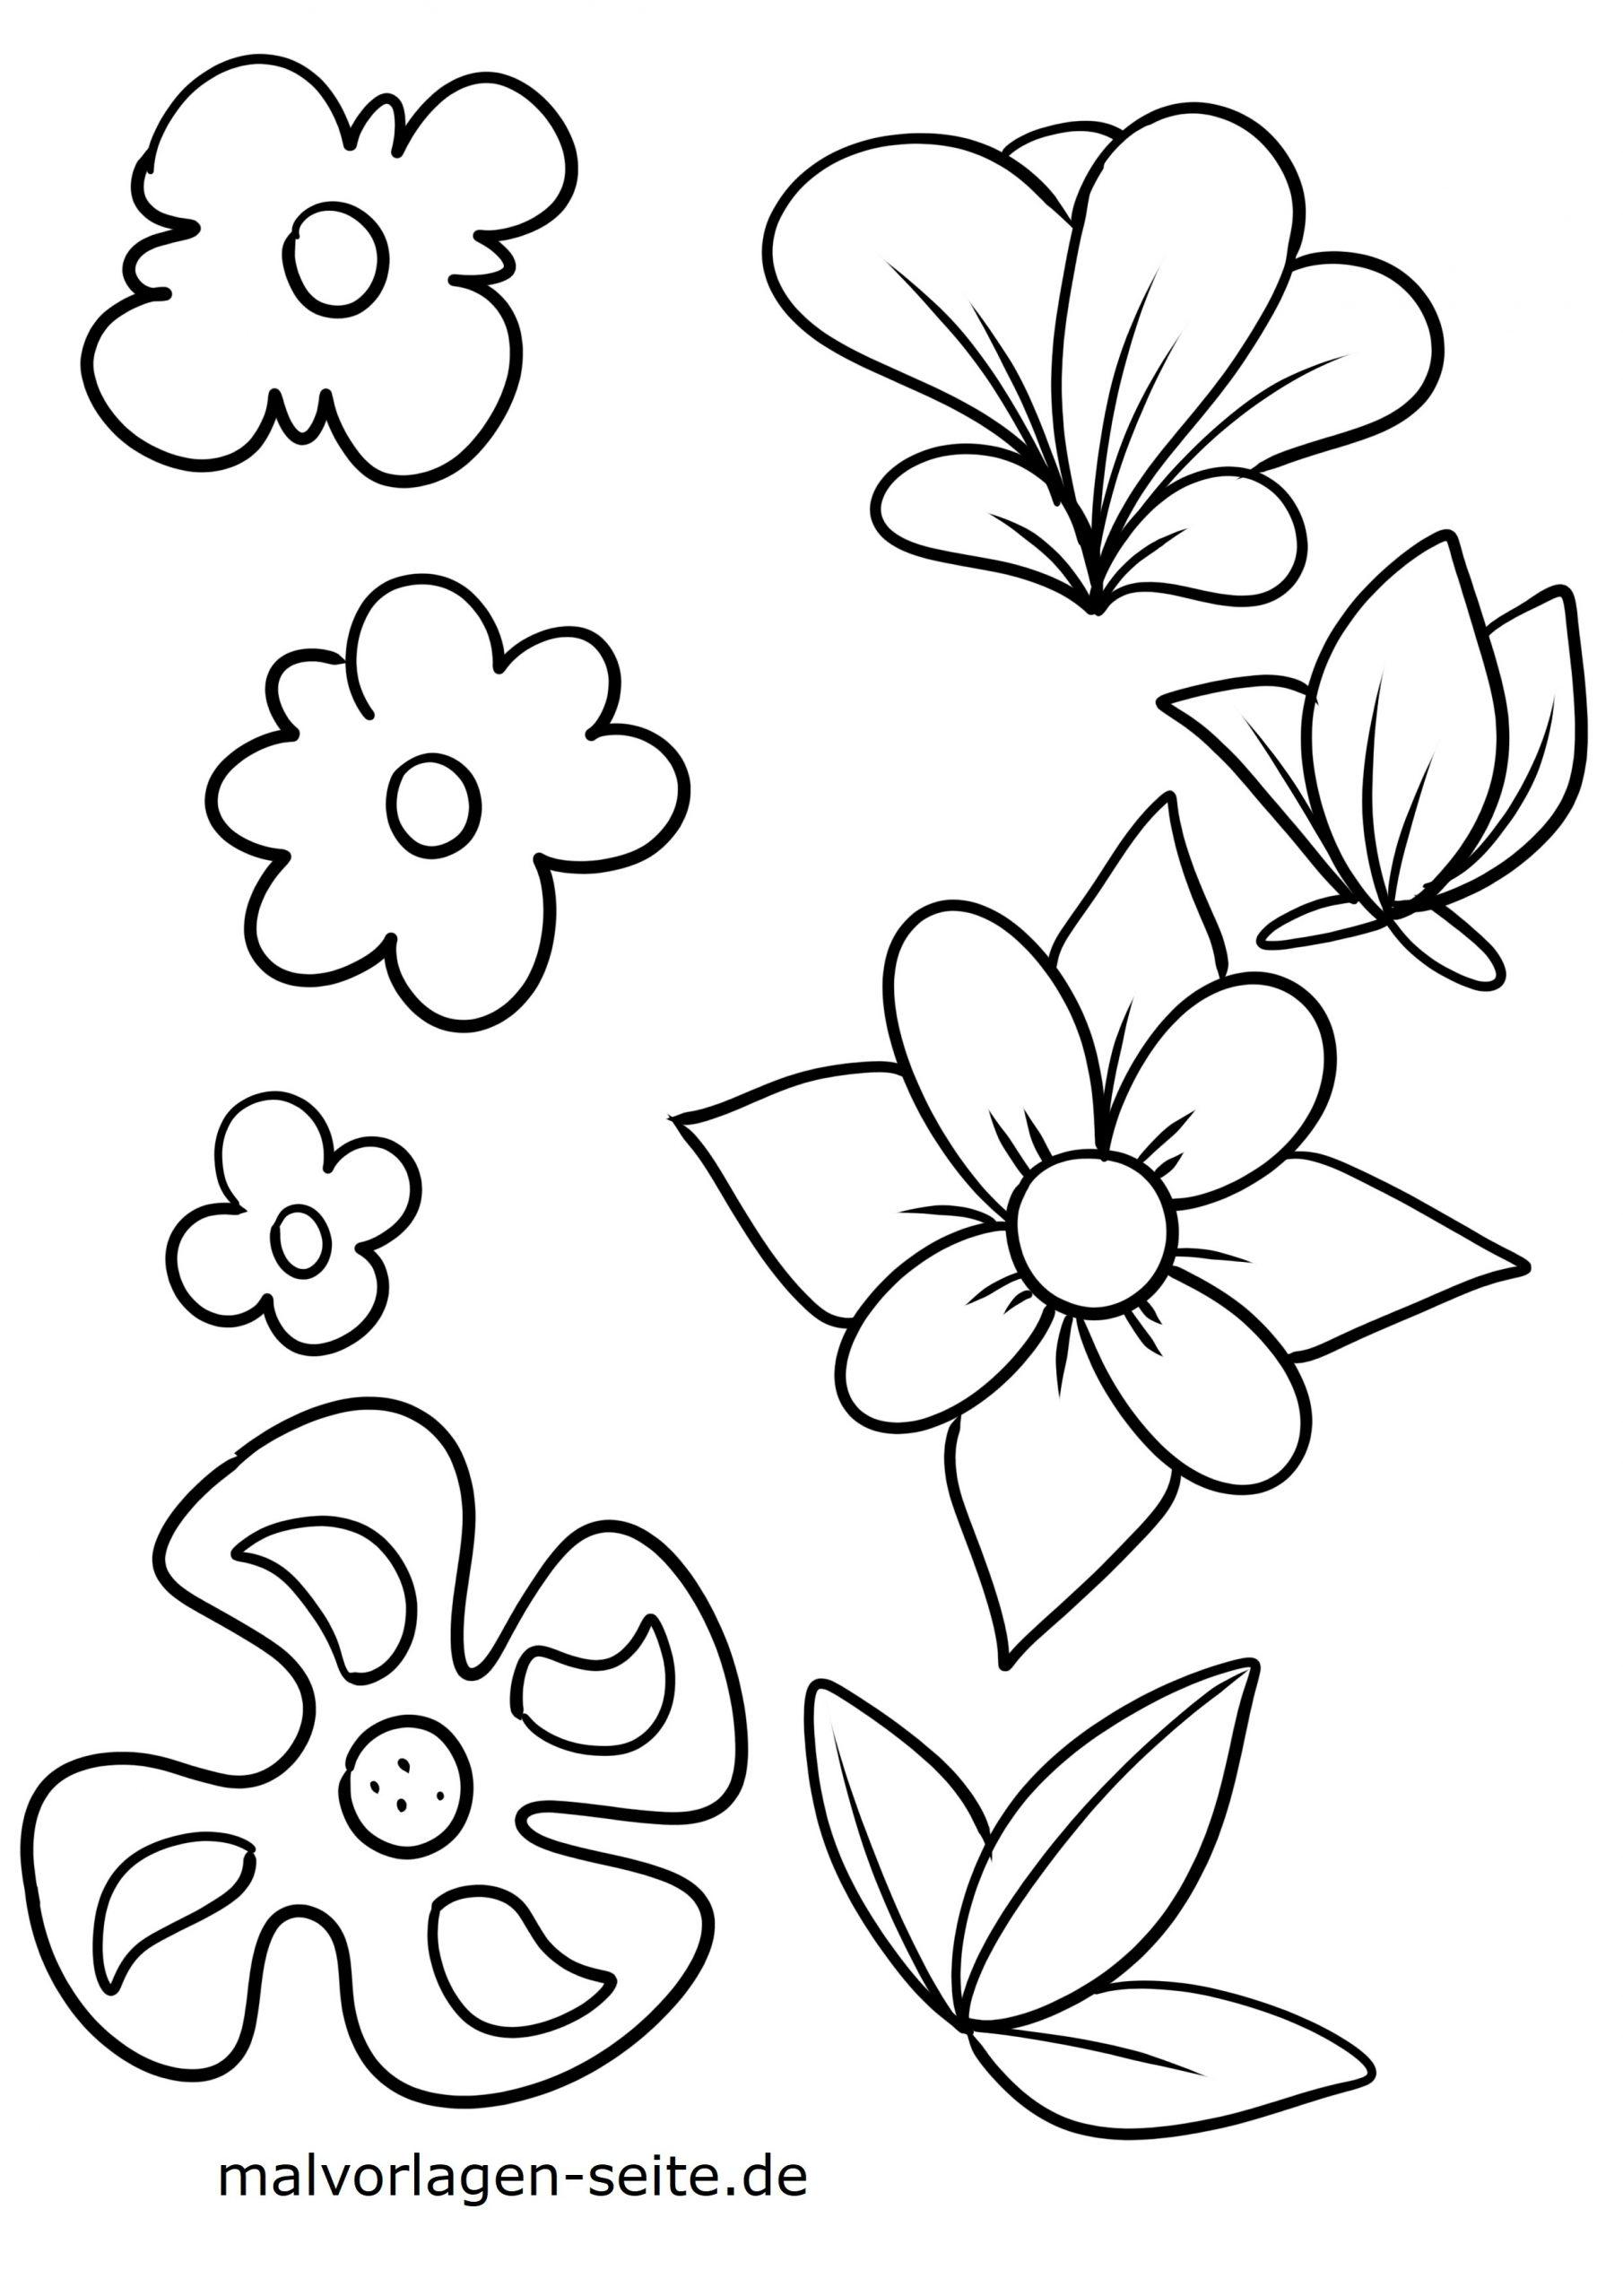 Malvorlage Blumen Blüten - Ausmalbilder Kostenlos Herunterladen ganzes Kostenlose Malvorlagen Blumen